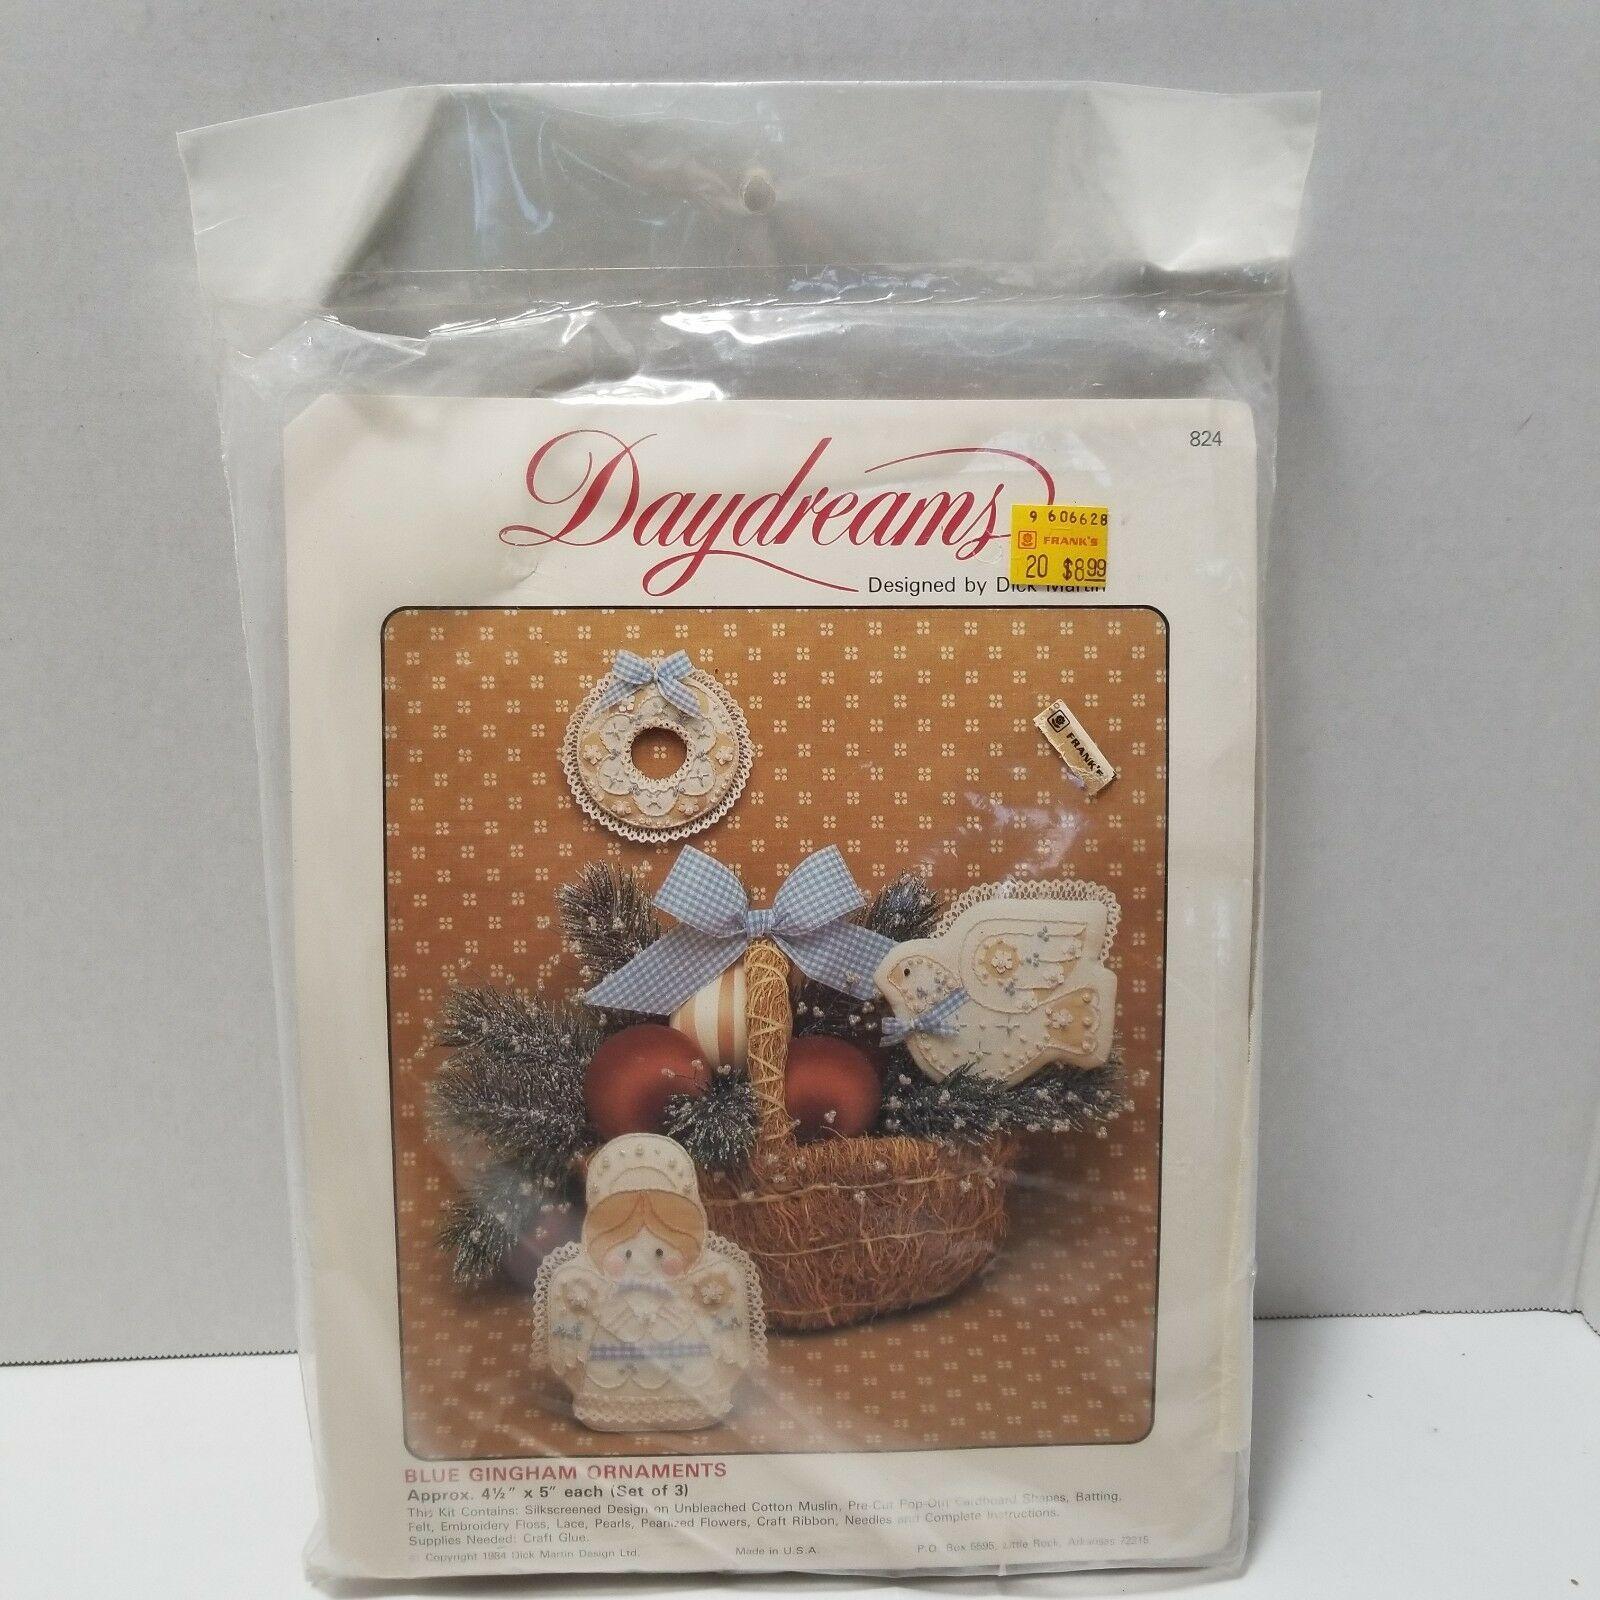 Daydreams Blue Gingham Ornaments #824 Angel Wreath Dove 1984 Set of 3 NIB - $8.59